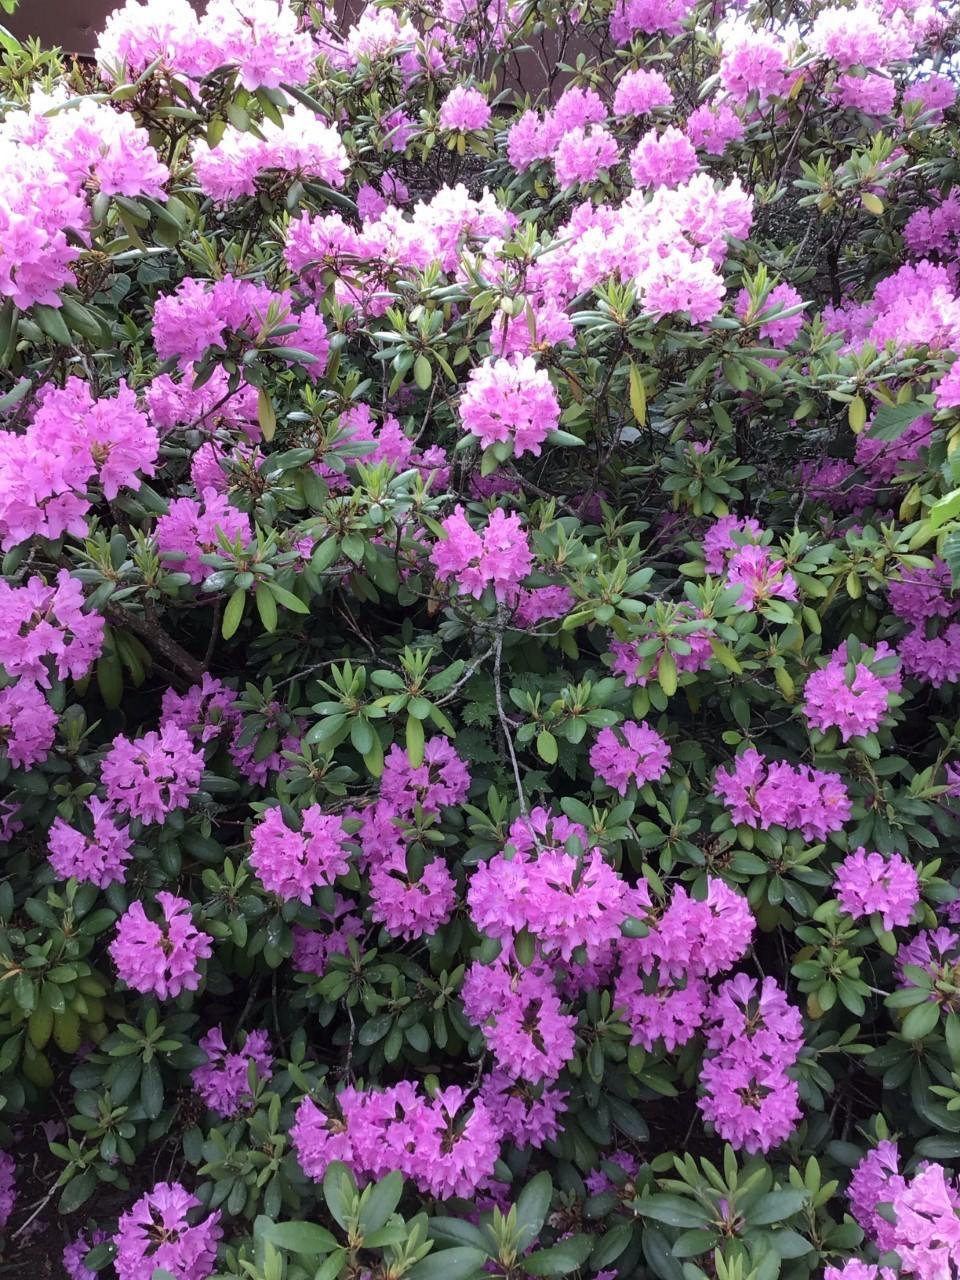 Vackra blommor i trädgården